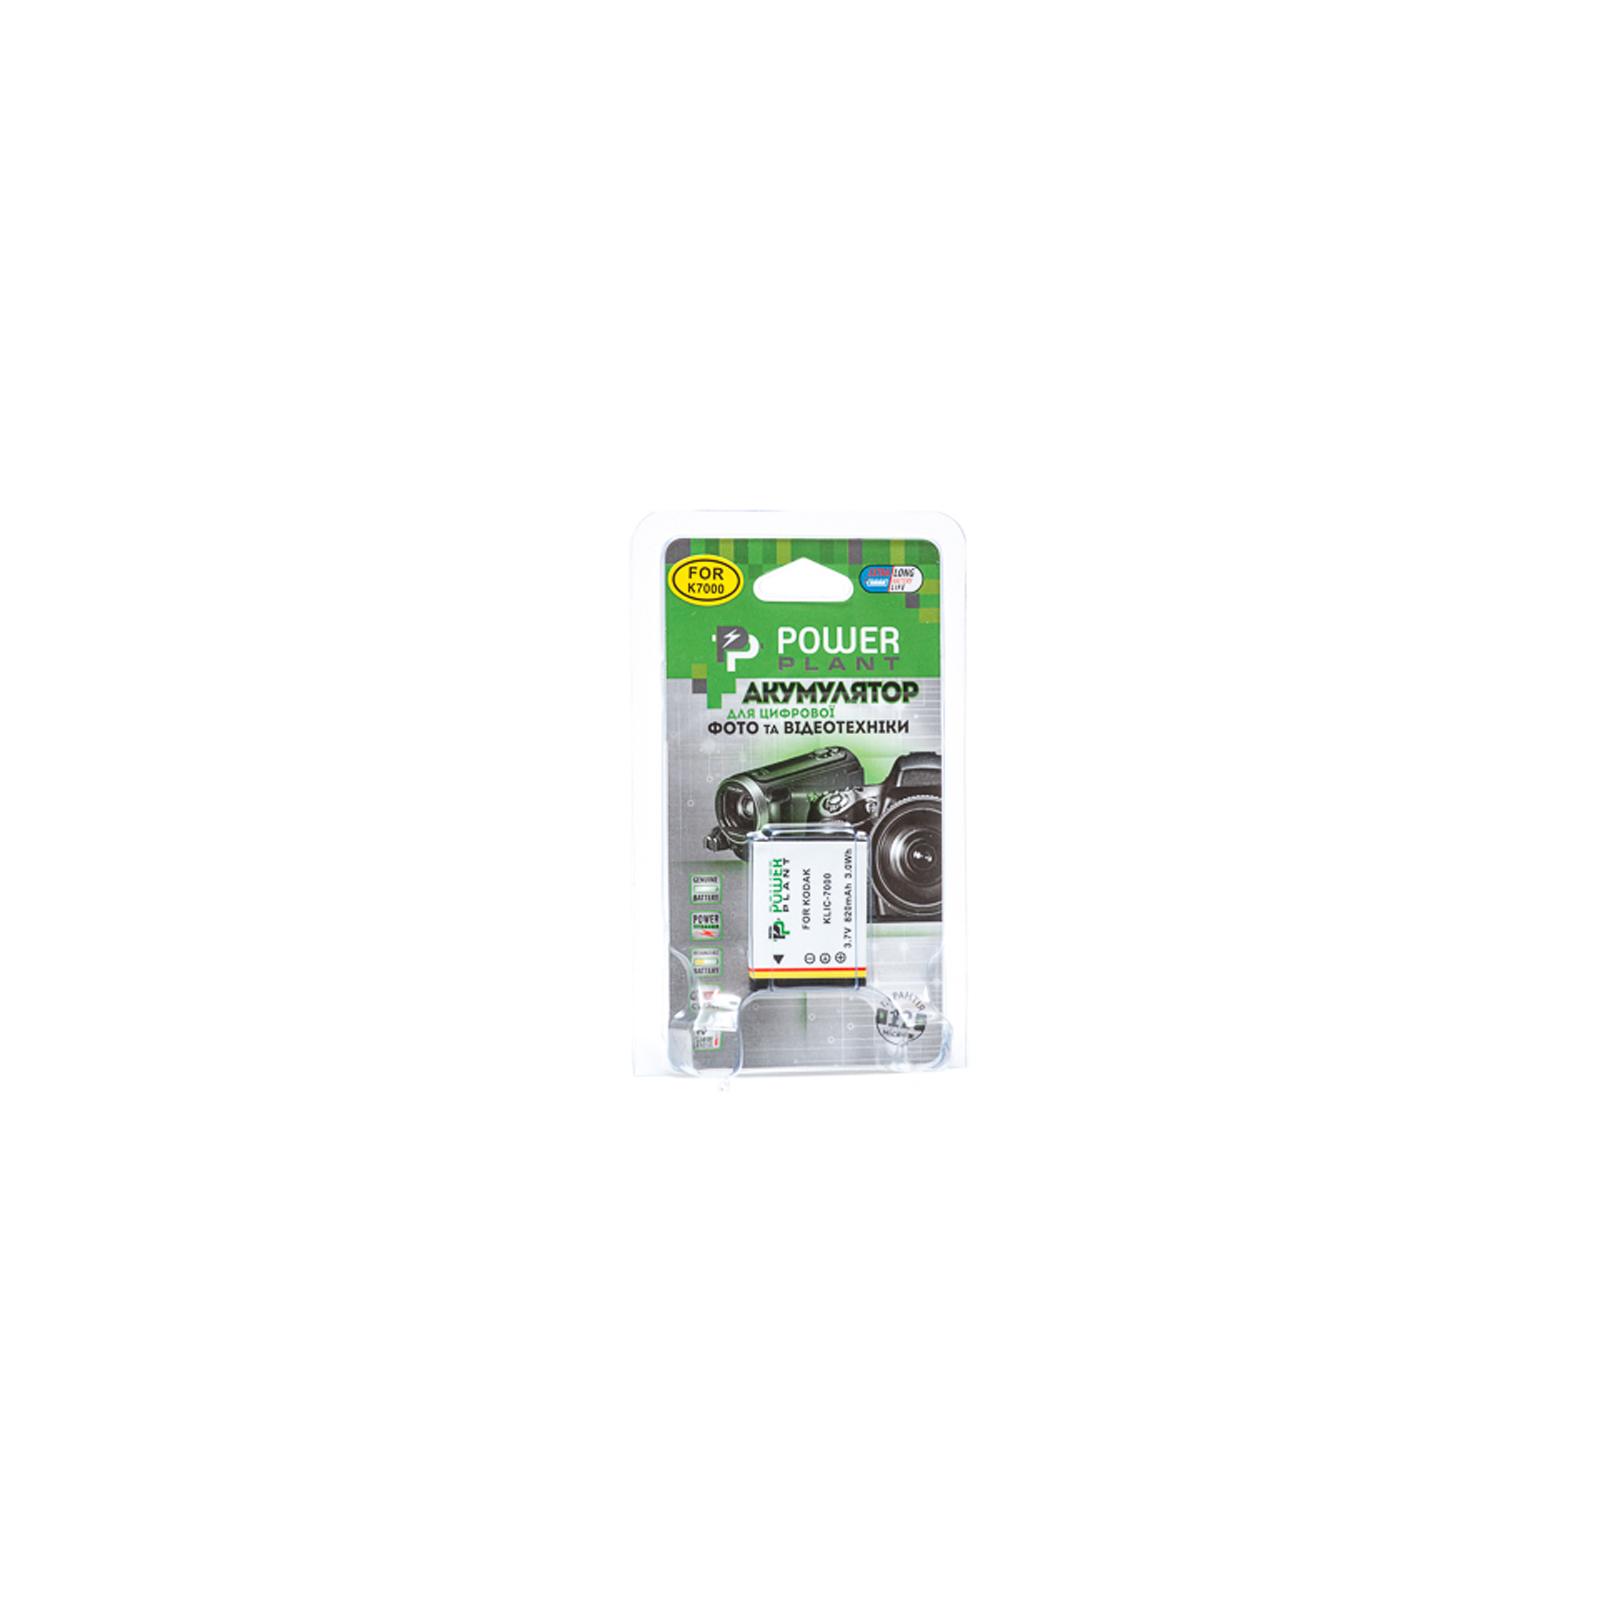 Аккумулятор к фото/видео PowerPlant Kodak KLIC-7000 (DV00DV1152) изображение 3